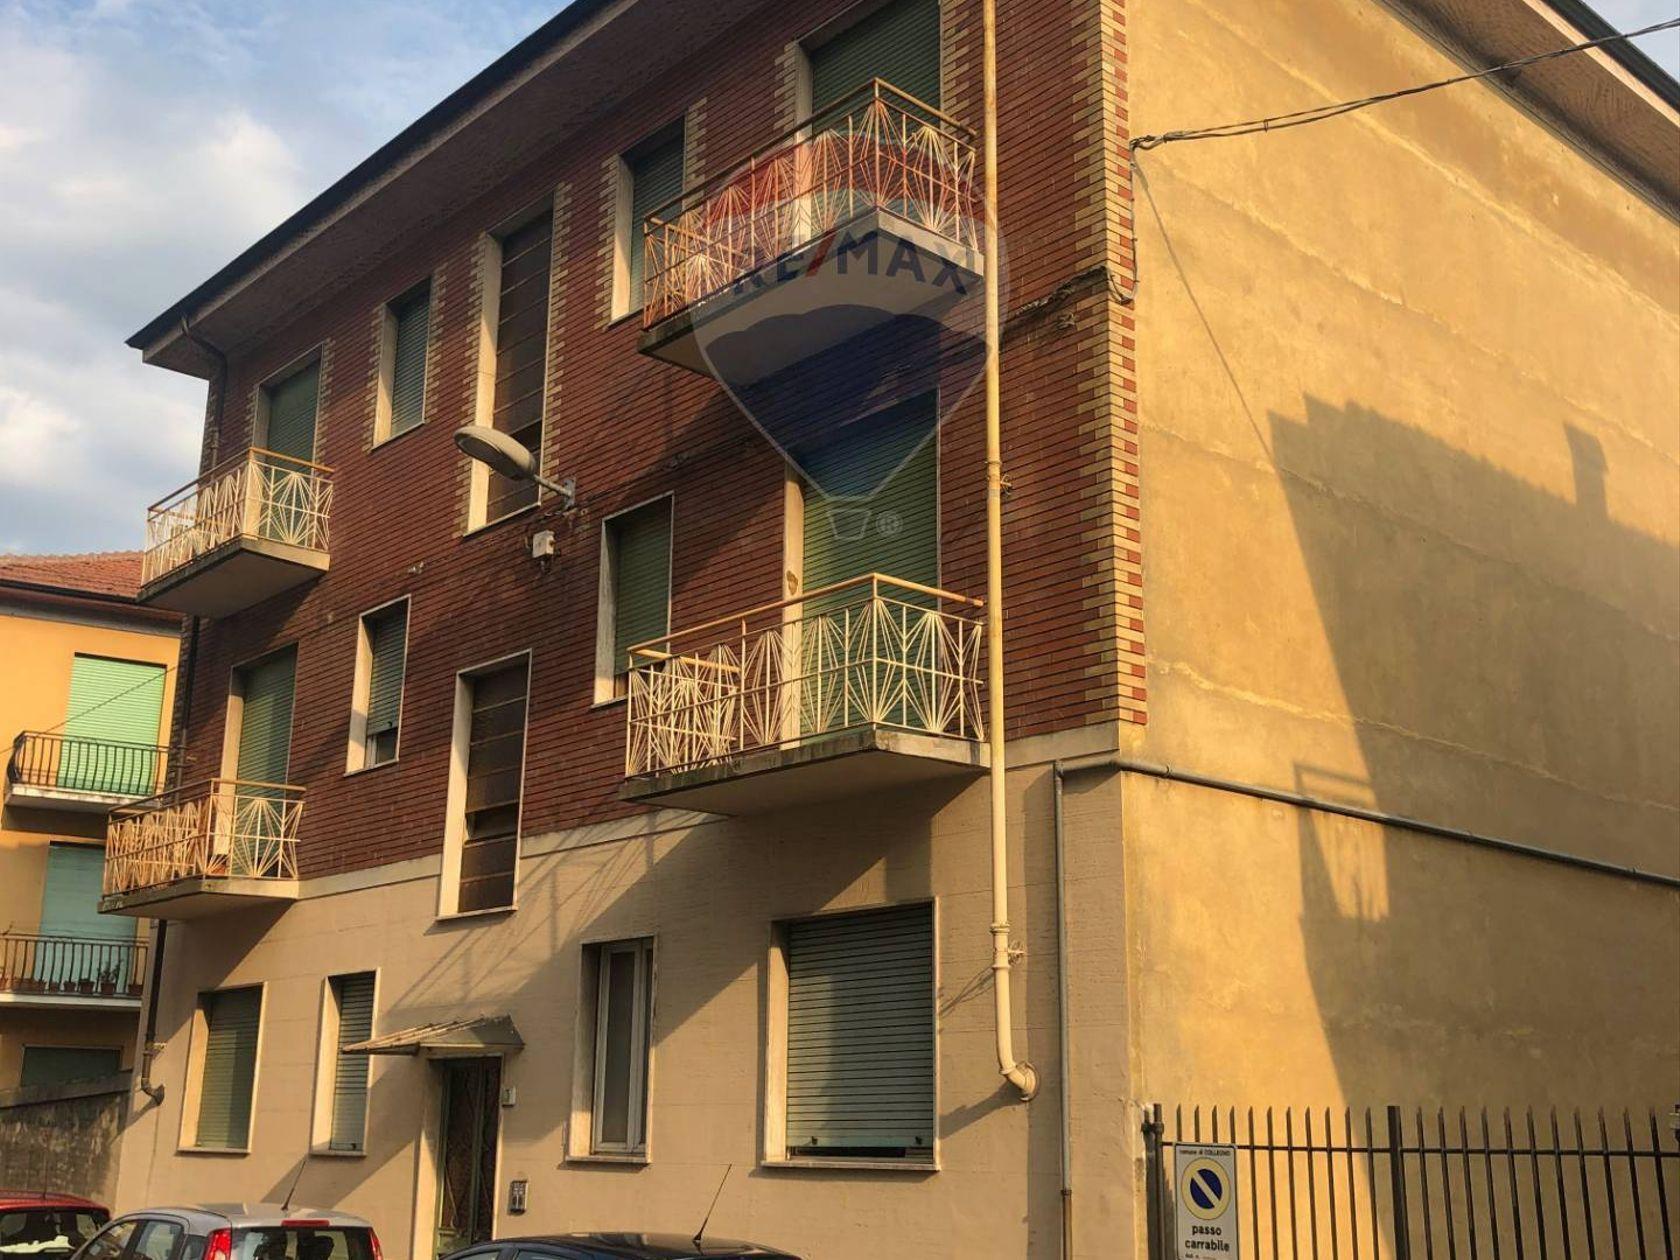 Casa Indipendente Santa Maria, Collegno, TO Vendita - Foto 2